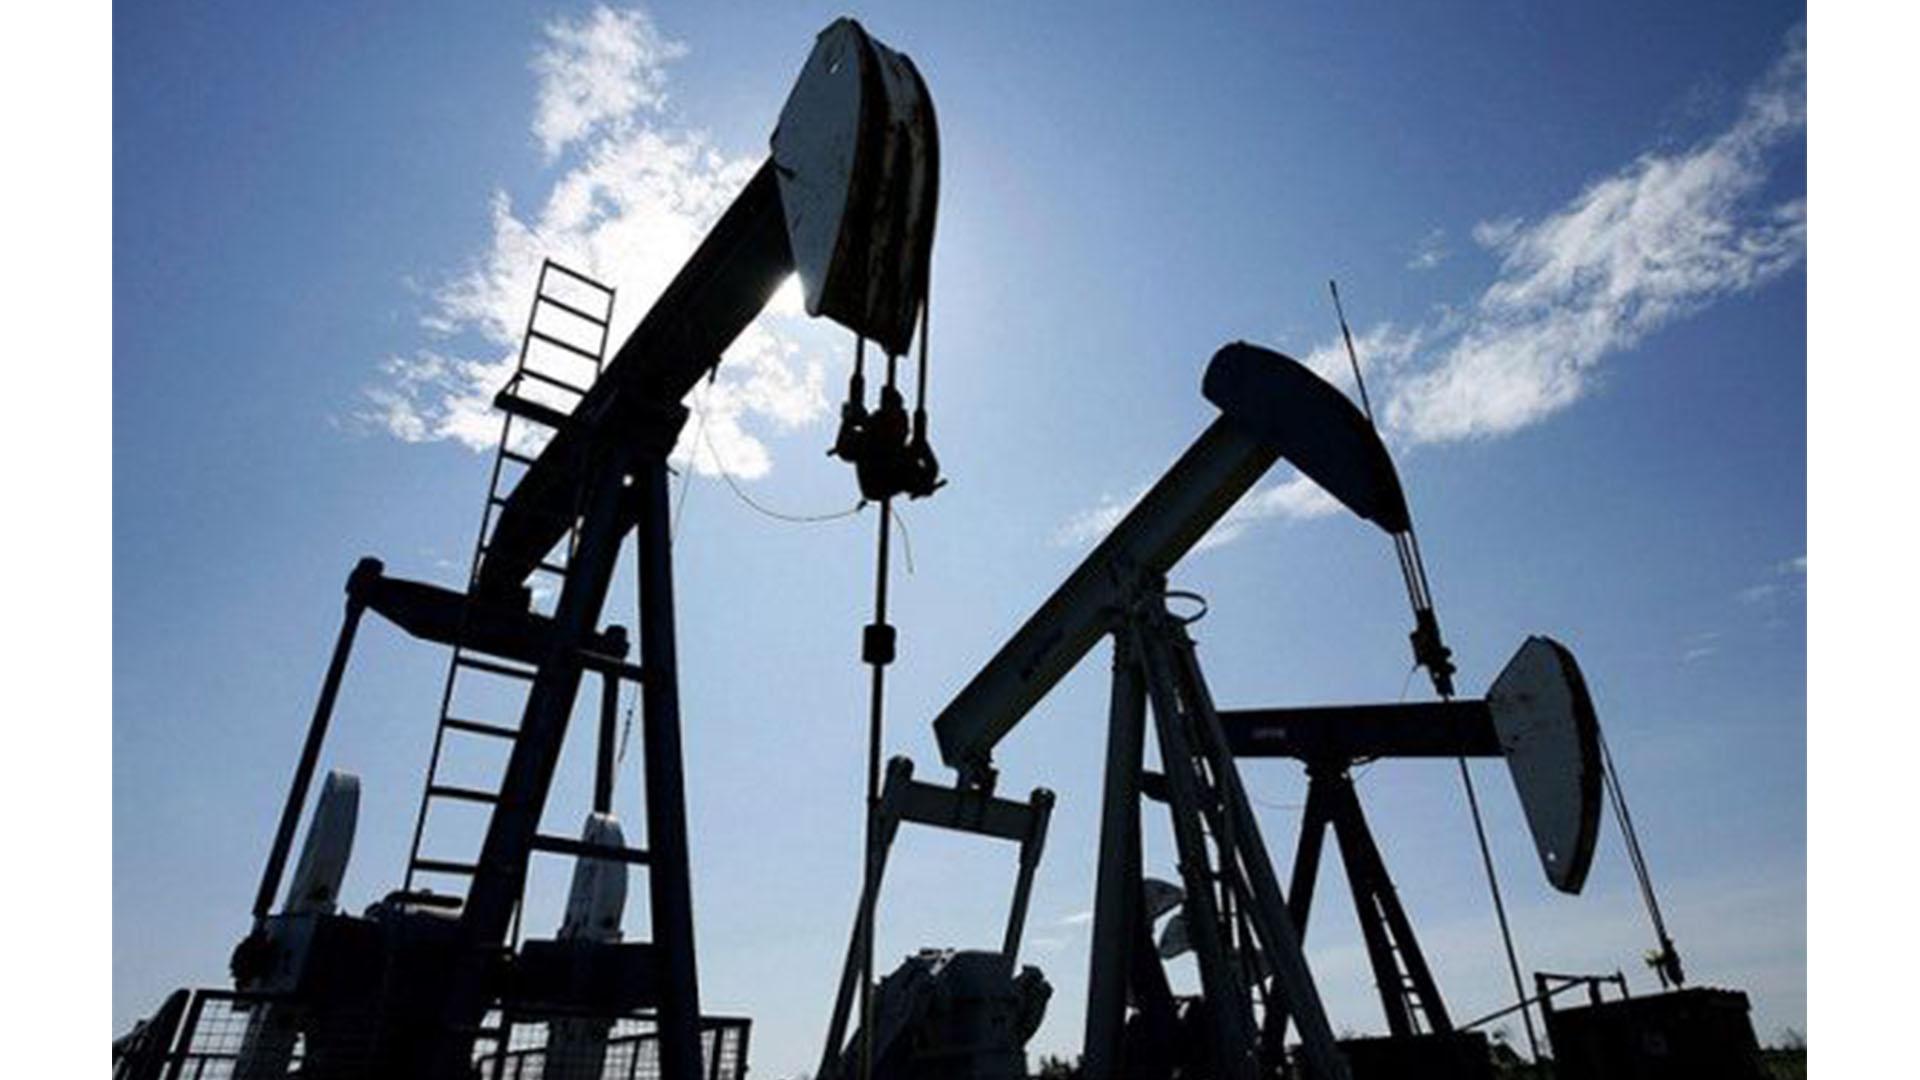 Keçən ay qlobal neft tədarükü gündəlik 99,2 milyon bareli ötüb